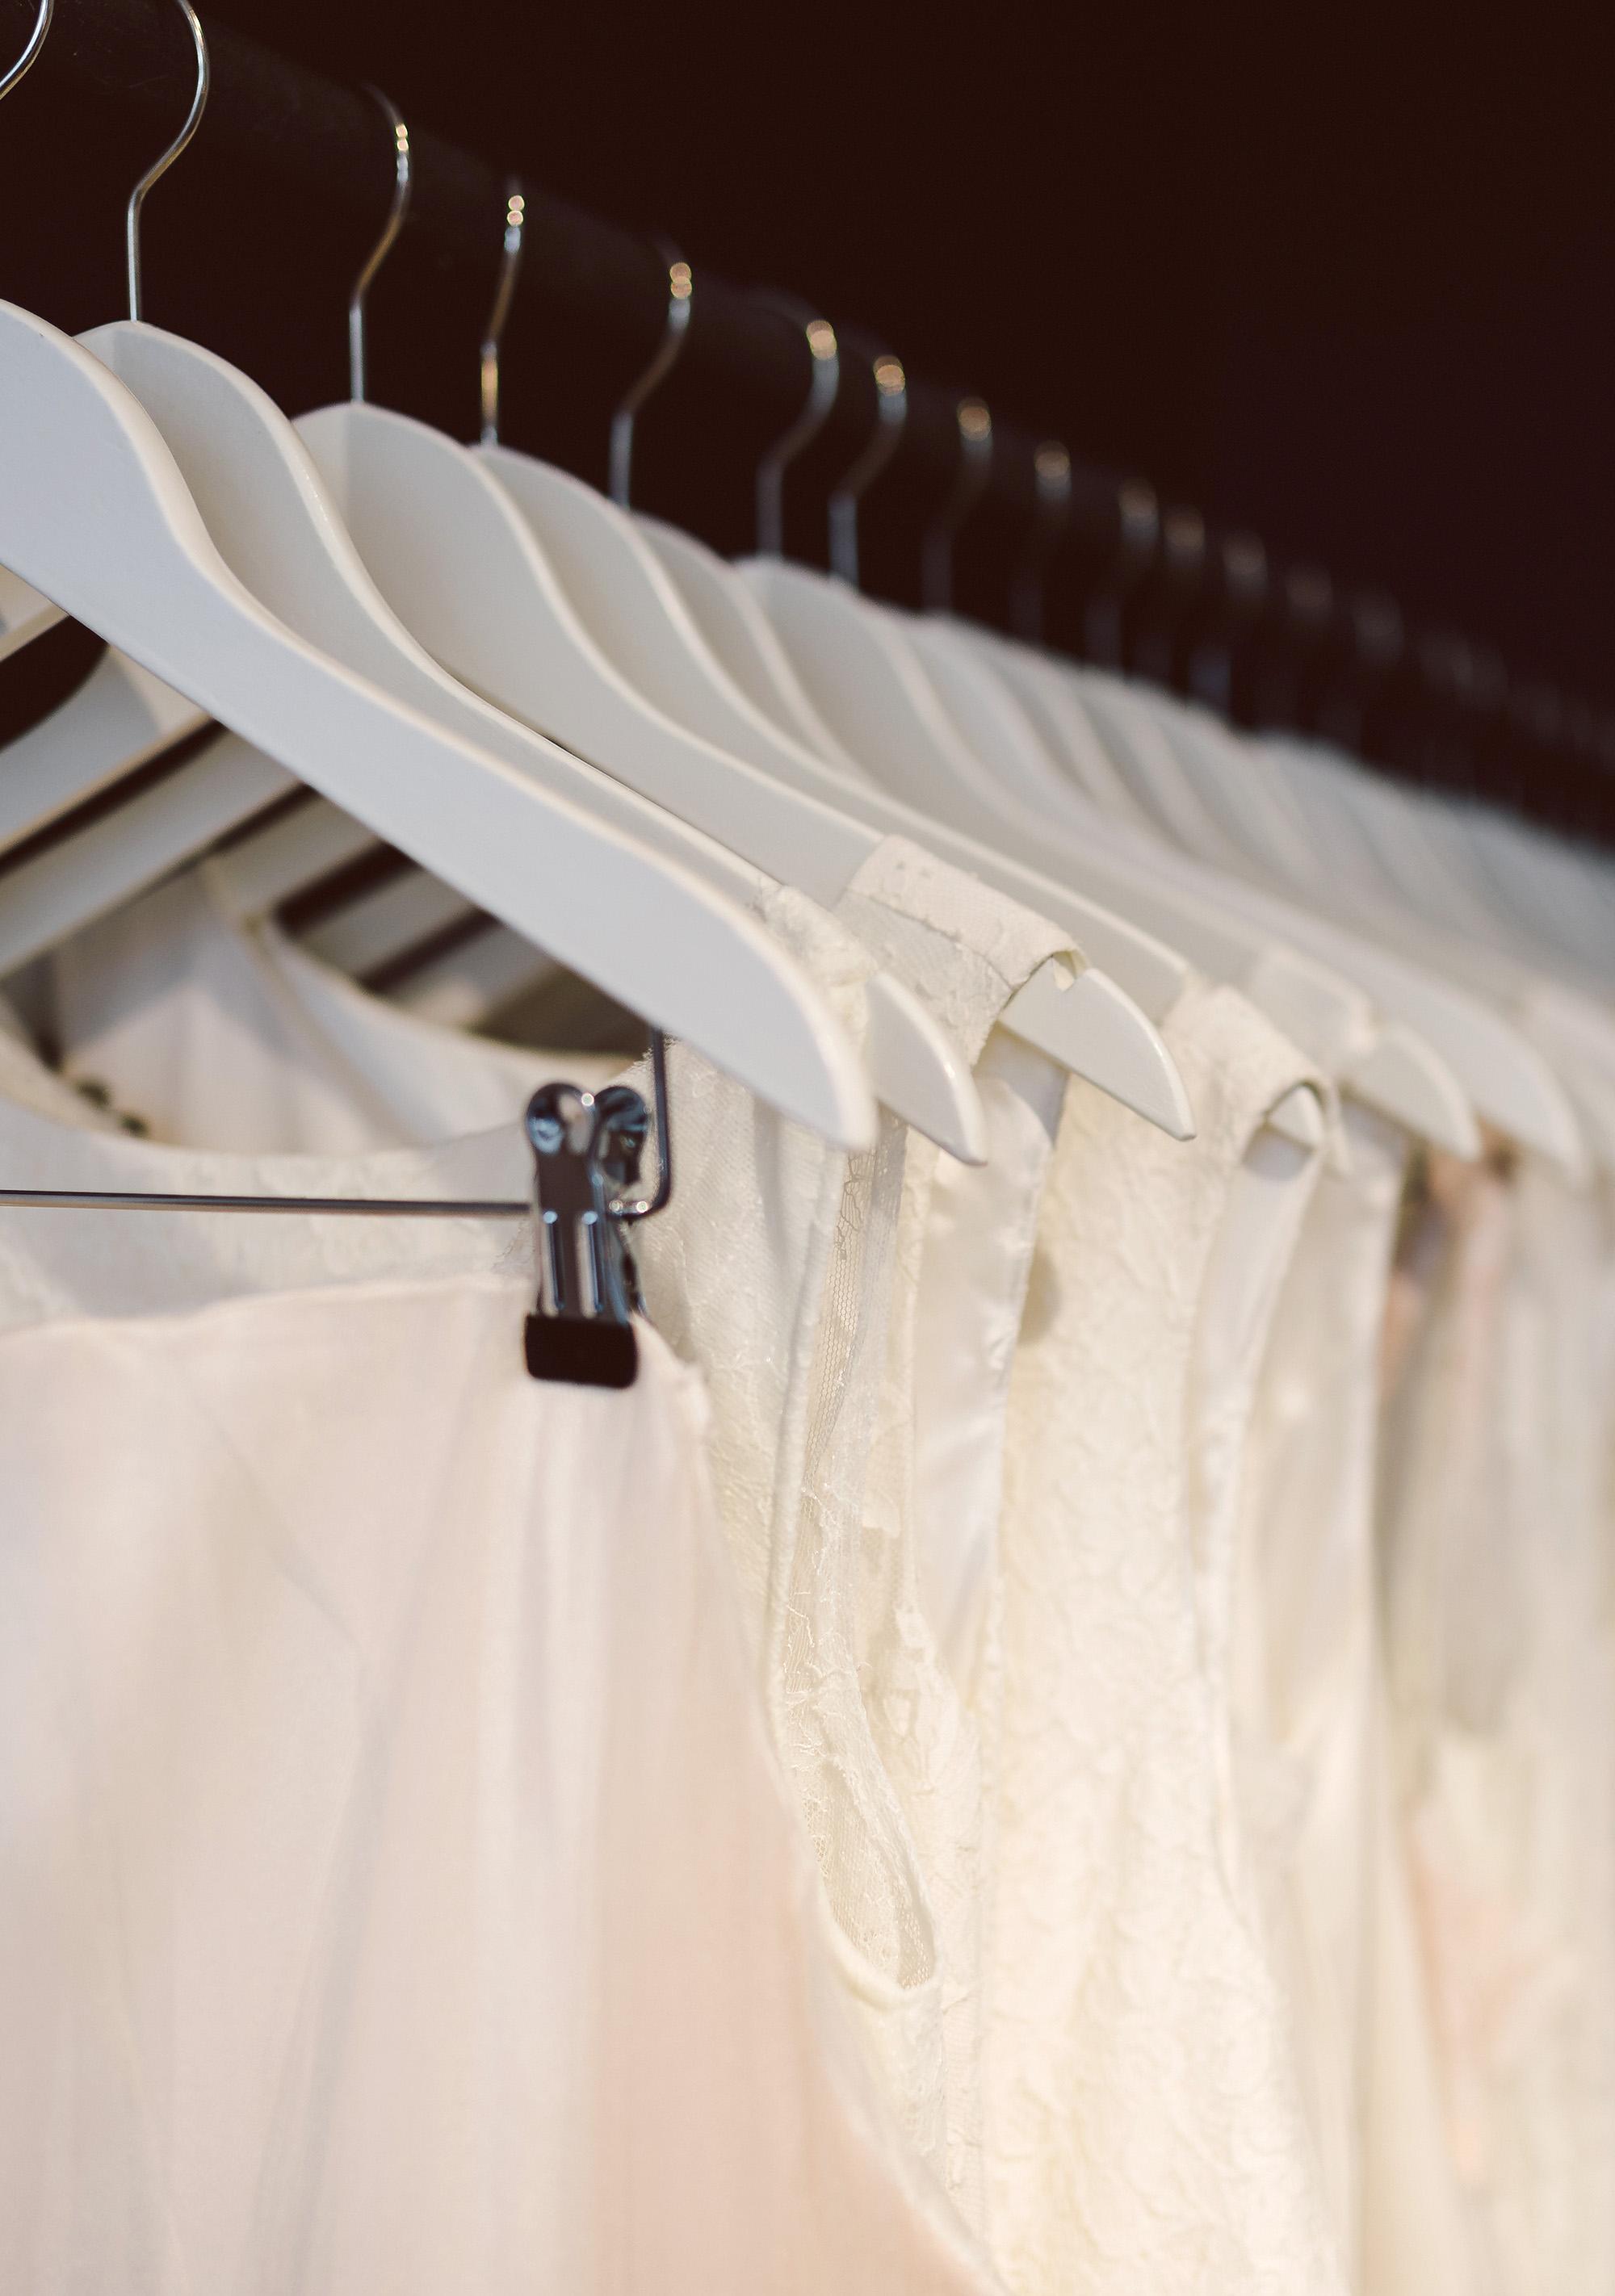 Brautkleider auf einer Kleiderstange bei ANNE WOLF